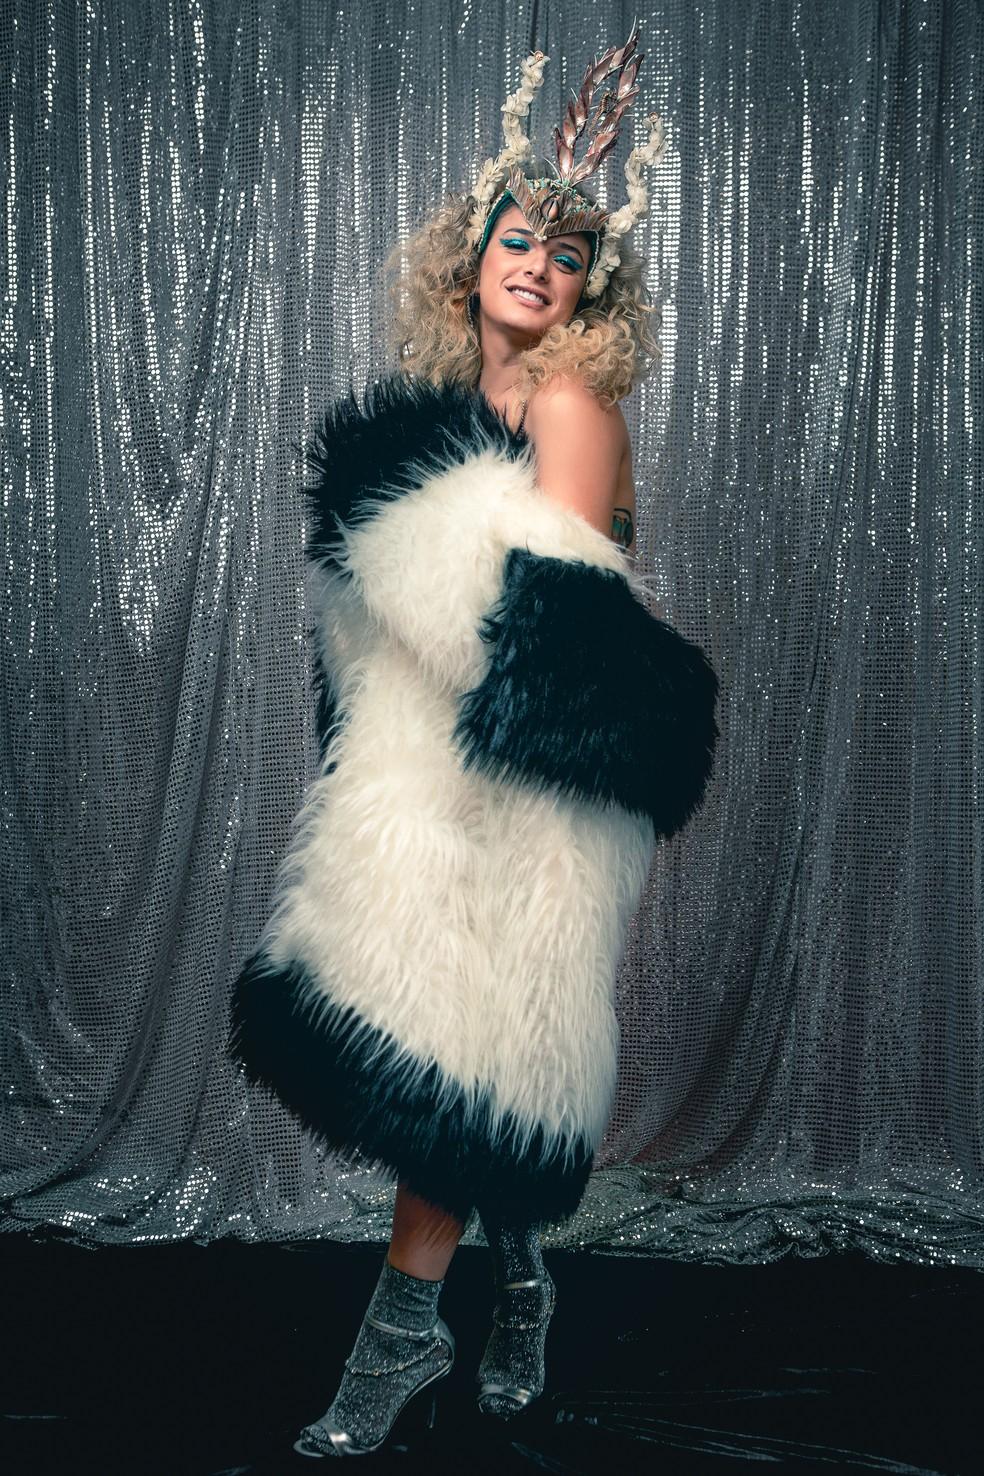 Glamour Garcia se diz orgulhosa de sua trajetória nas artes cênicas  — Foto: Fabiano Battaglin/Gshow